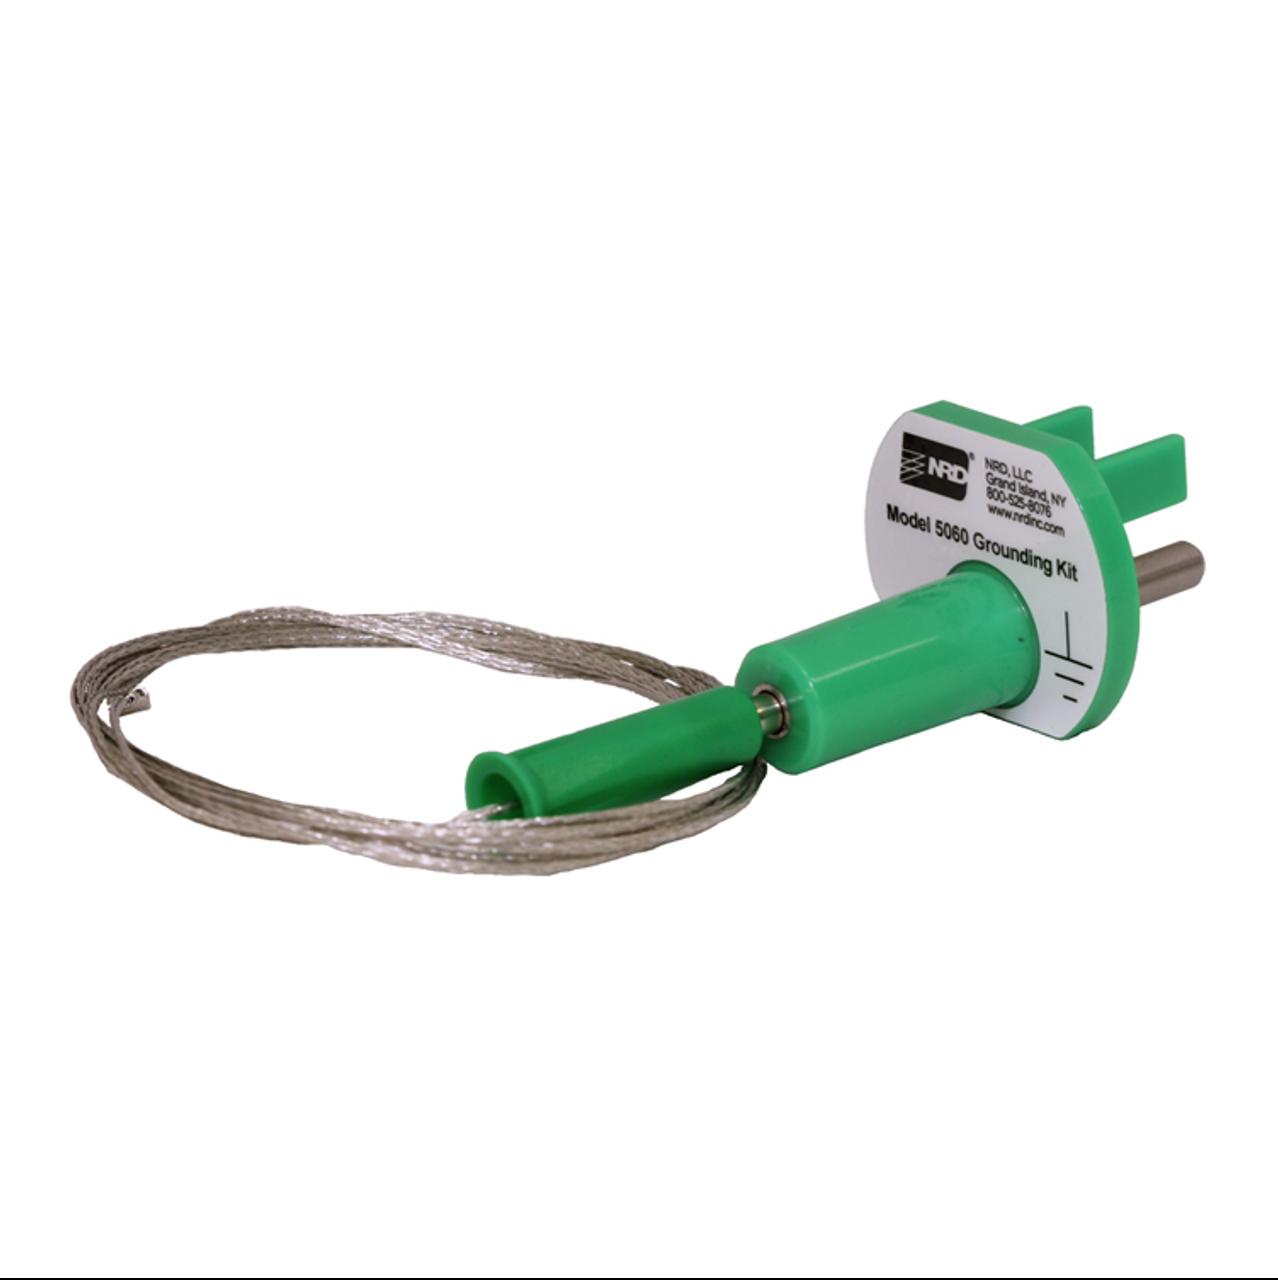 2U500 Ionizing Kit